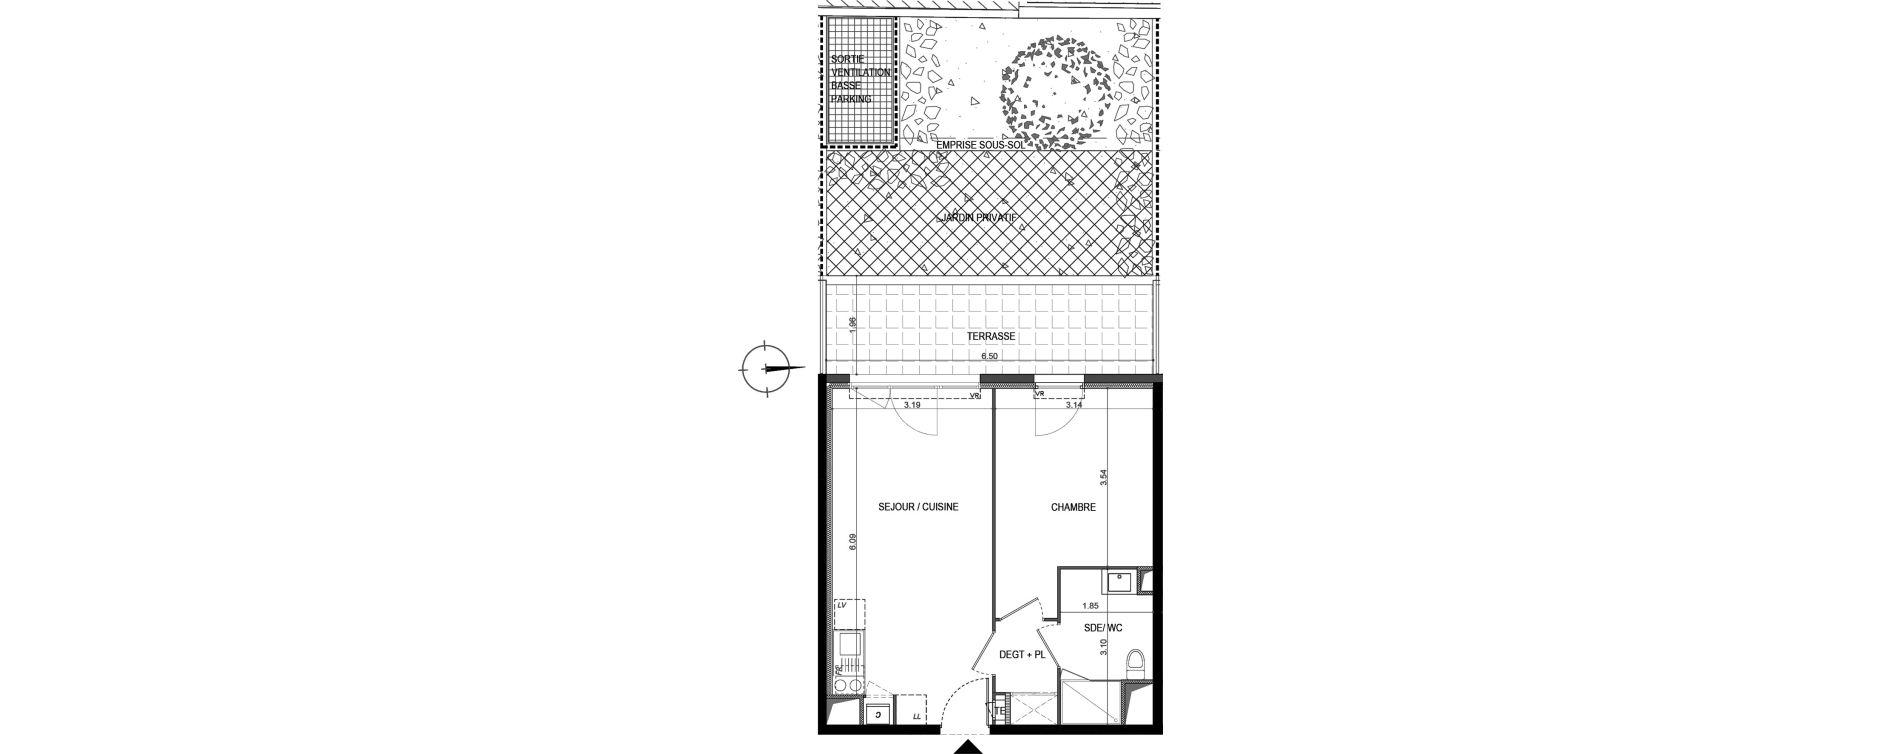 Appartement T2 de 40,61 m2 à La Seyne-Sur-Mer Porte marine